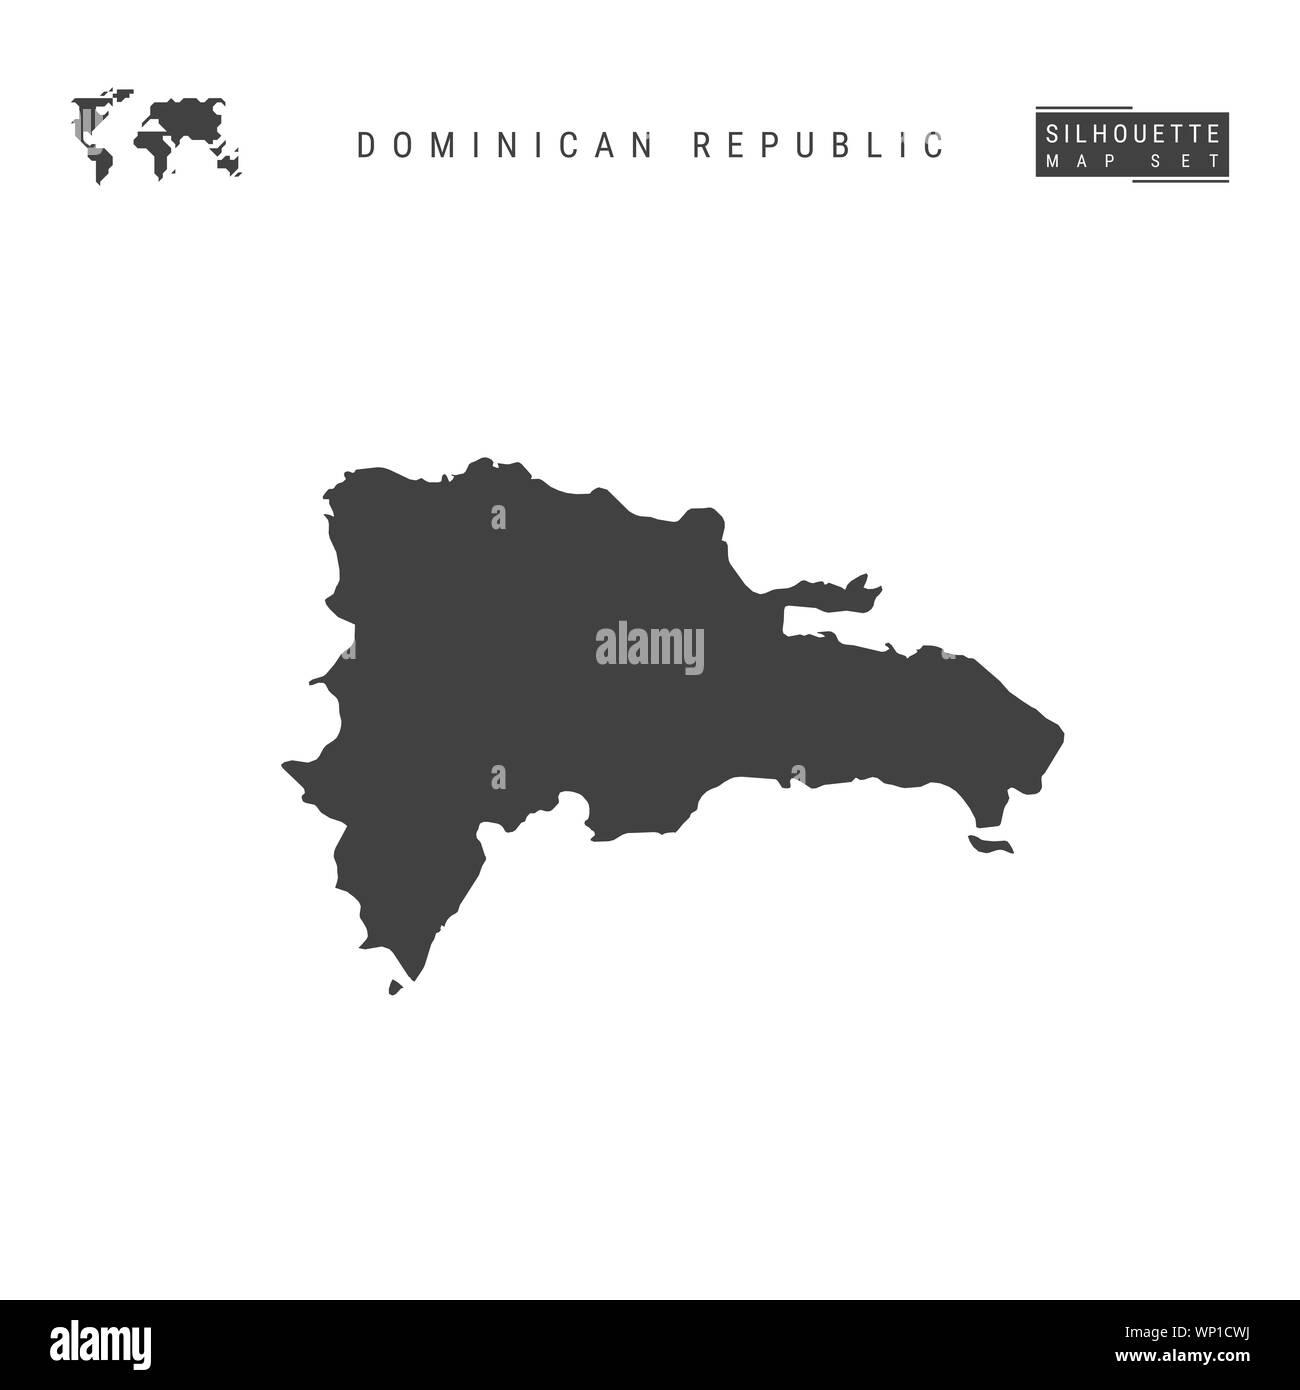 Mapa De Republica Dominicana En Blanco.Republica Dominicana Mapa En Blanco Aislado Sobre Fondo